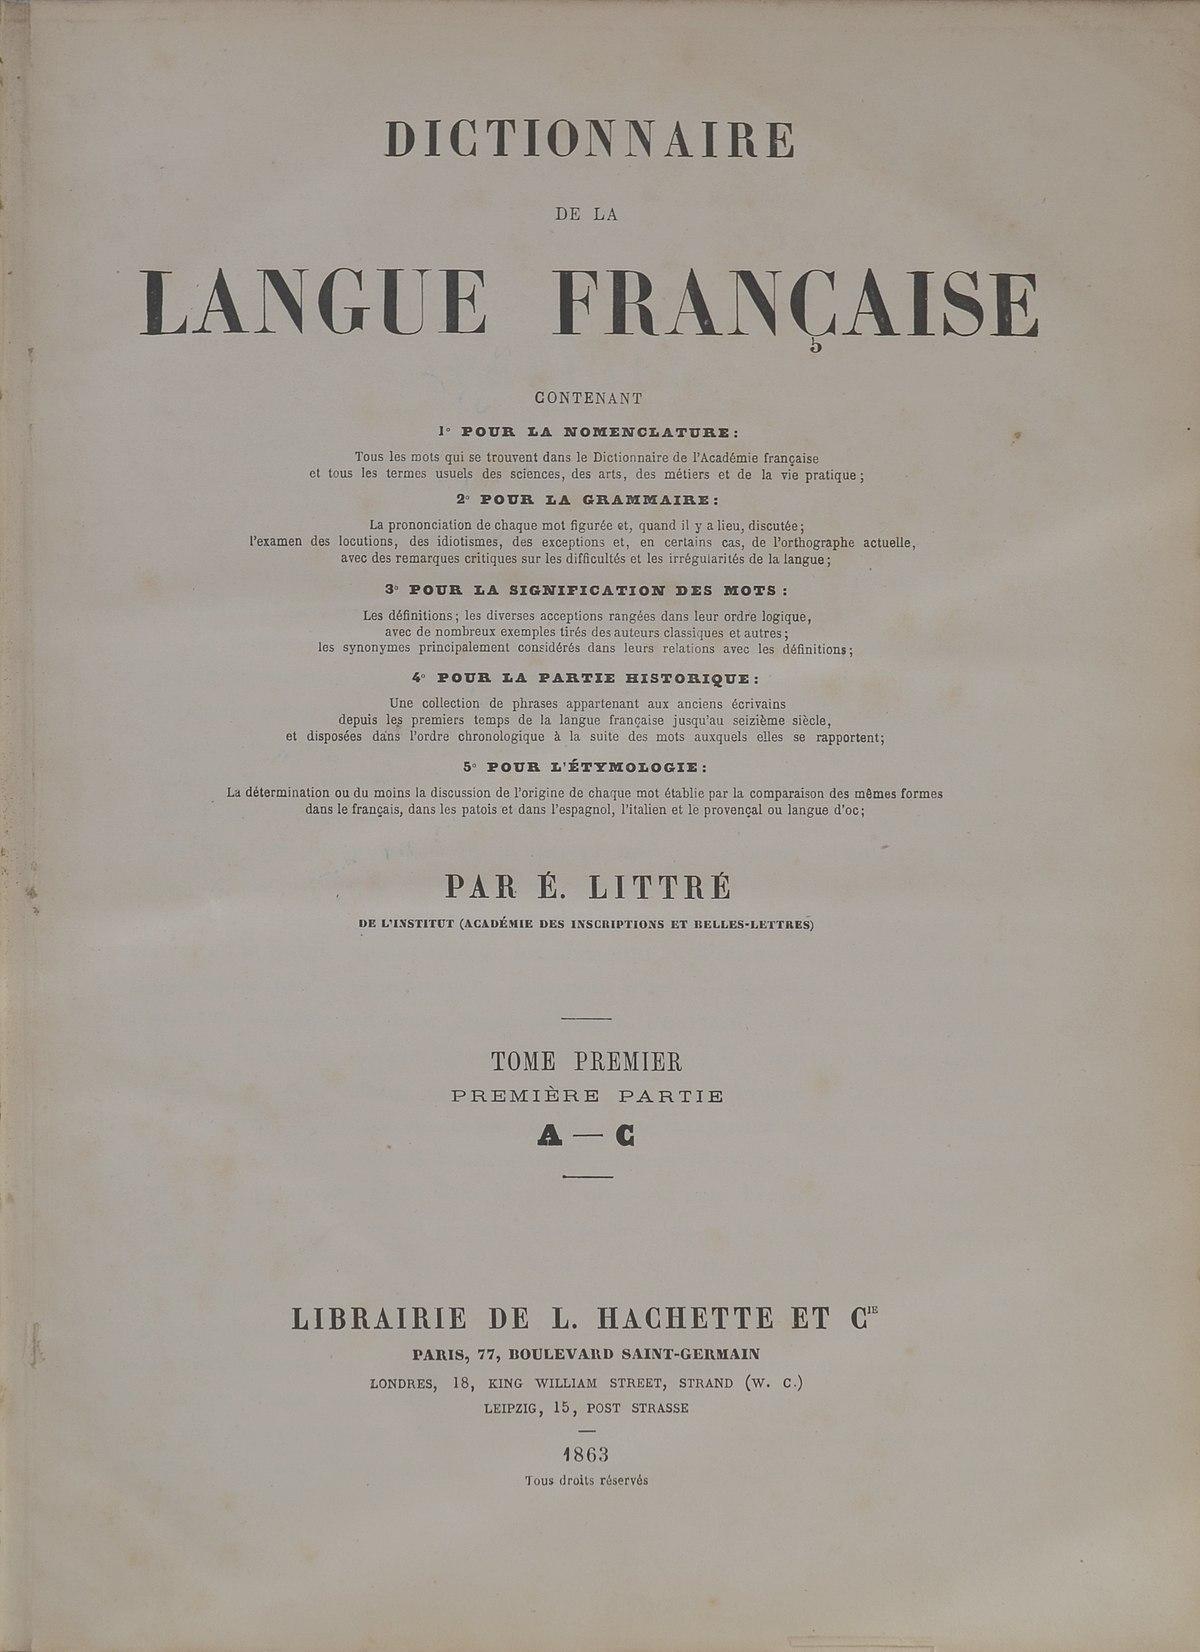 Dictionnaire etymologique langue francaise online dating